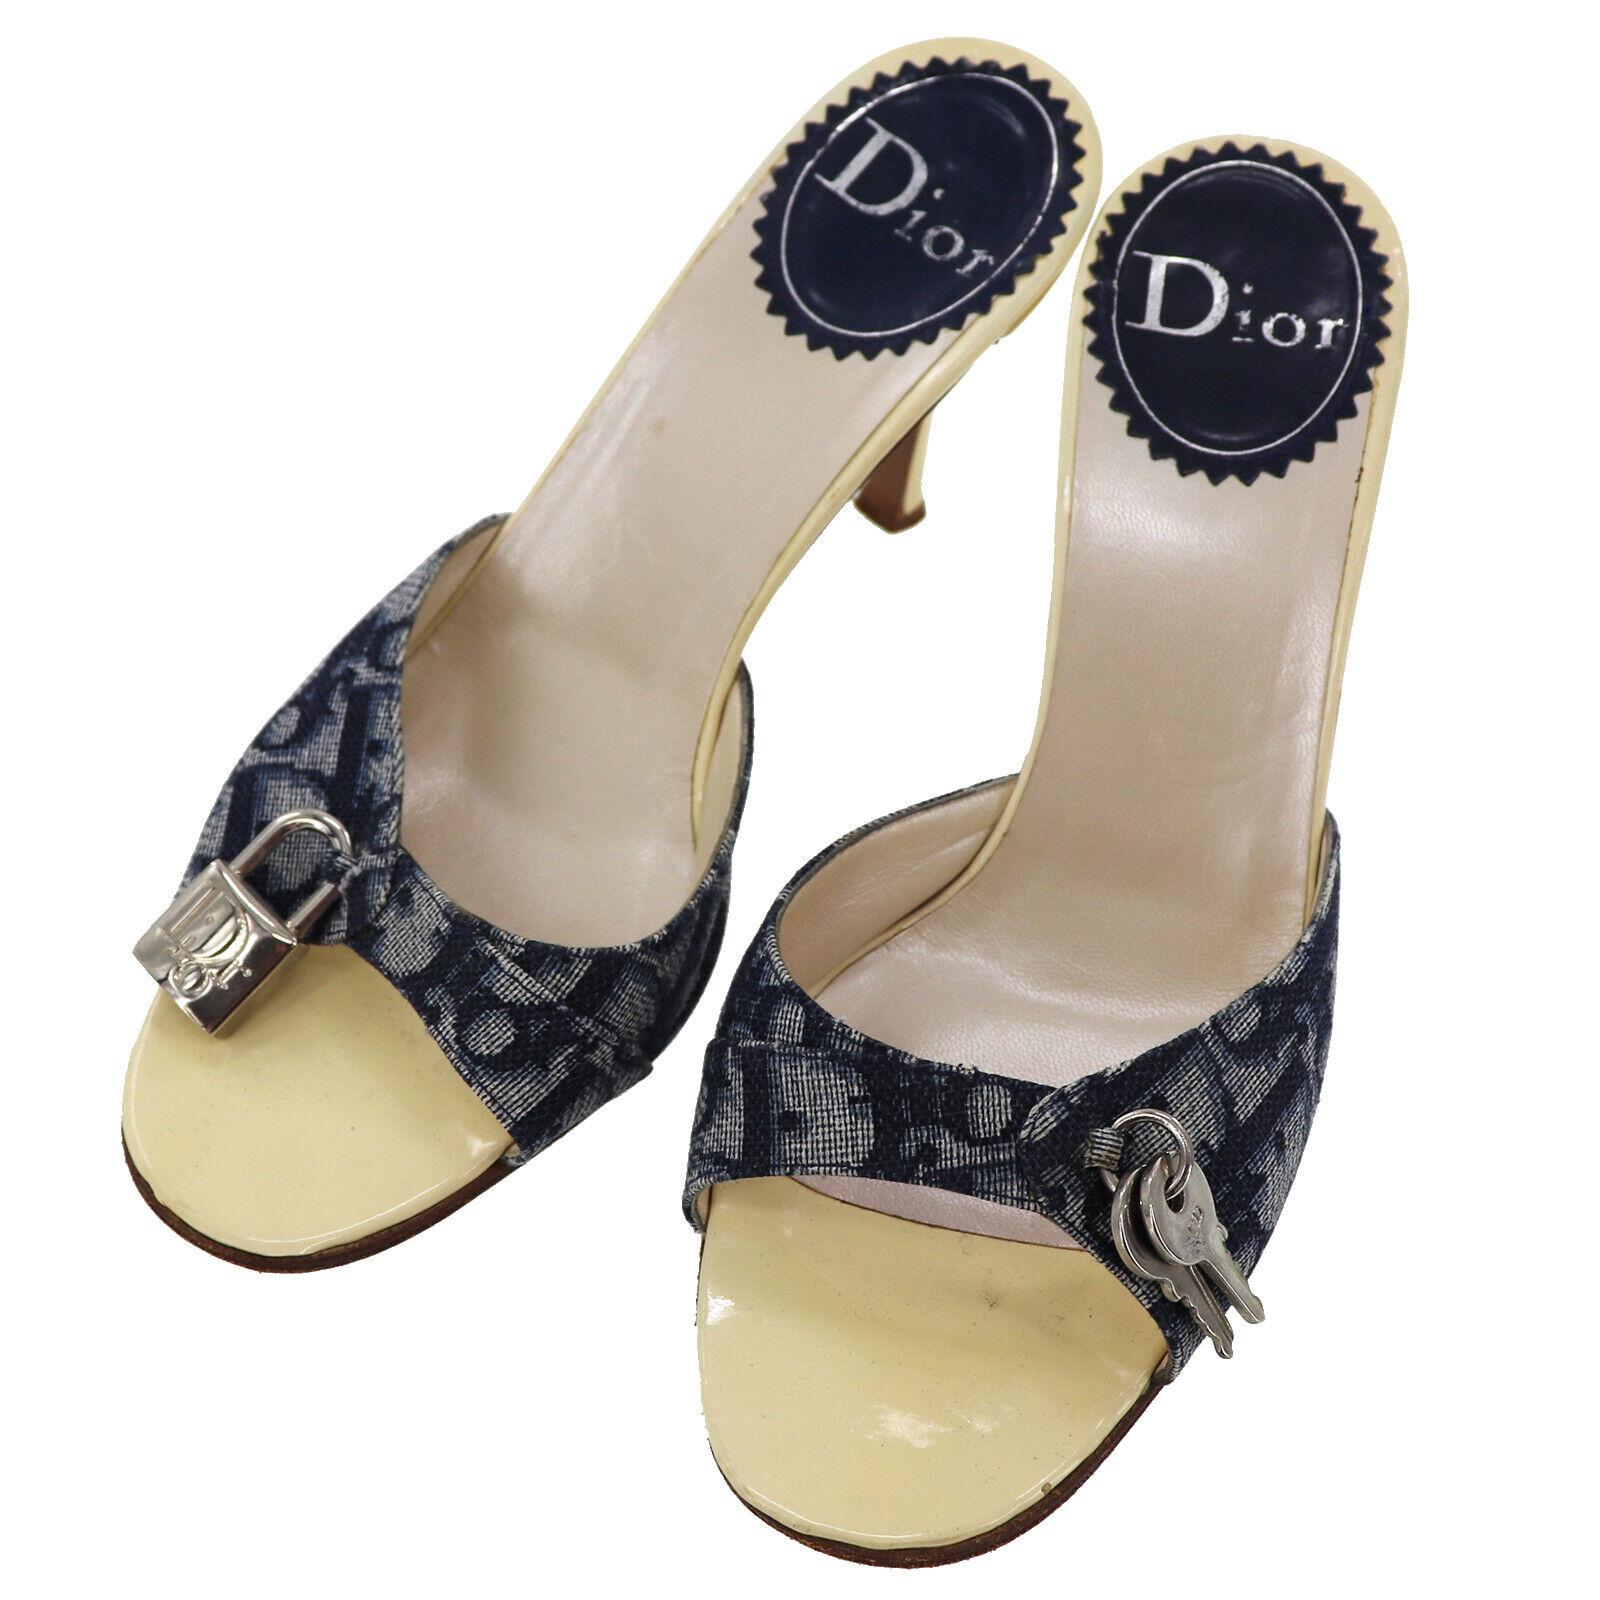 Christian Dior  Trossoter Heel Sandals Navy 36 1  2 Italia Vintage Autentico 35;X758 M  ordina ora i prezzi più bassi